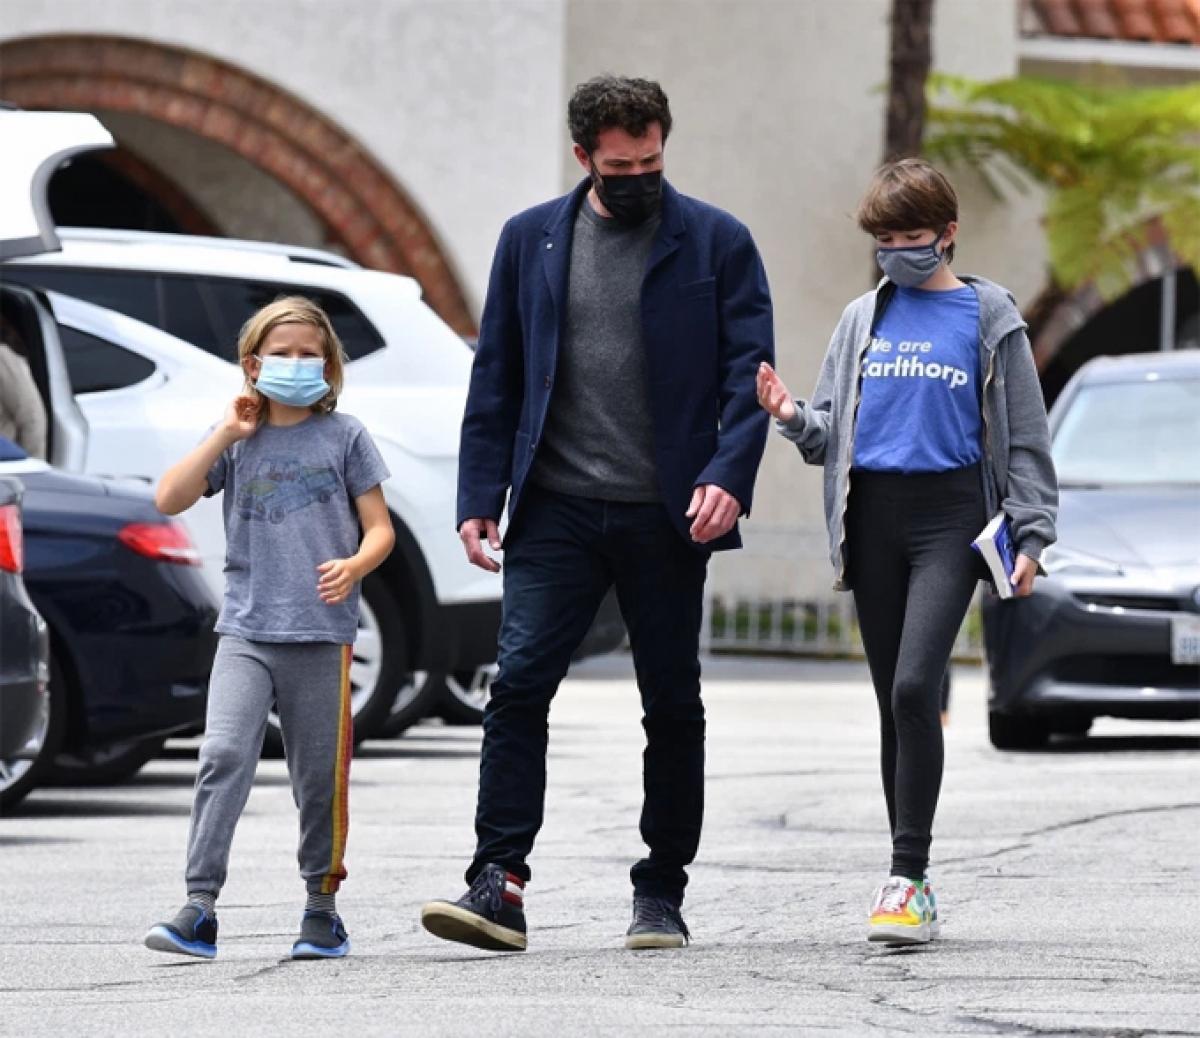 """Ben Affleck lọt vào """"tầm ngắm"""" của cánh săn ảnh khi dẫn con trai Samuel (9 tuổi) và con gái Seraphina (12 tuổi) đi ăn trưa ở Brentwood, Los Angeles hôm 31/5."""